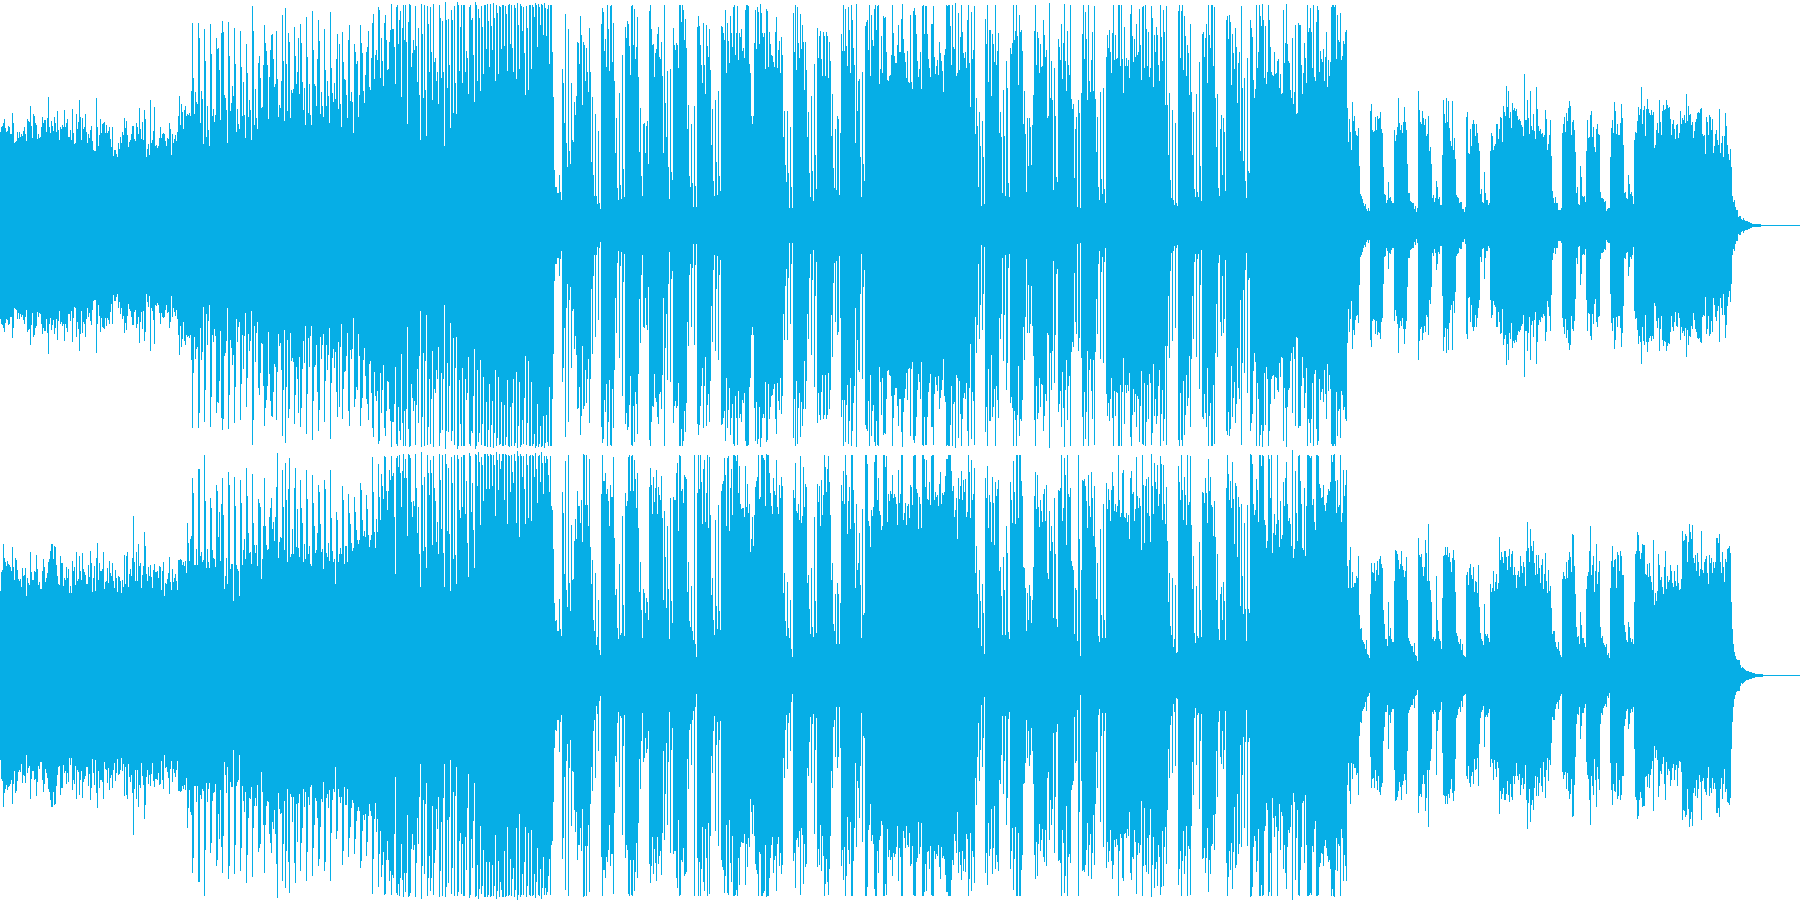 企業VP、CM系EDM 4の再生済みの波形